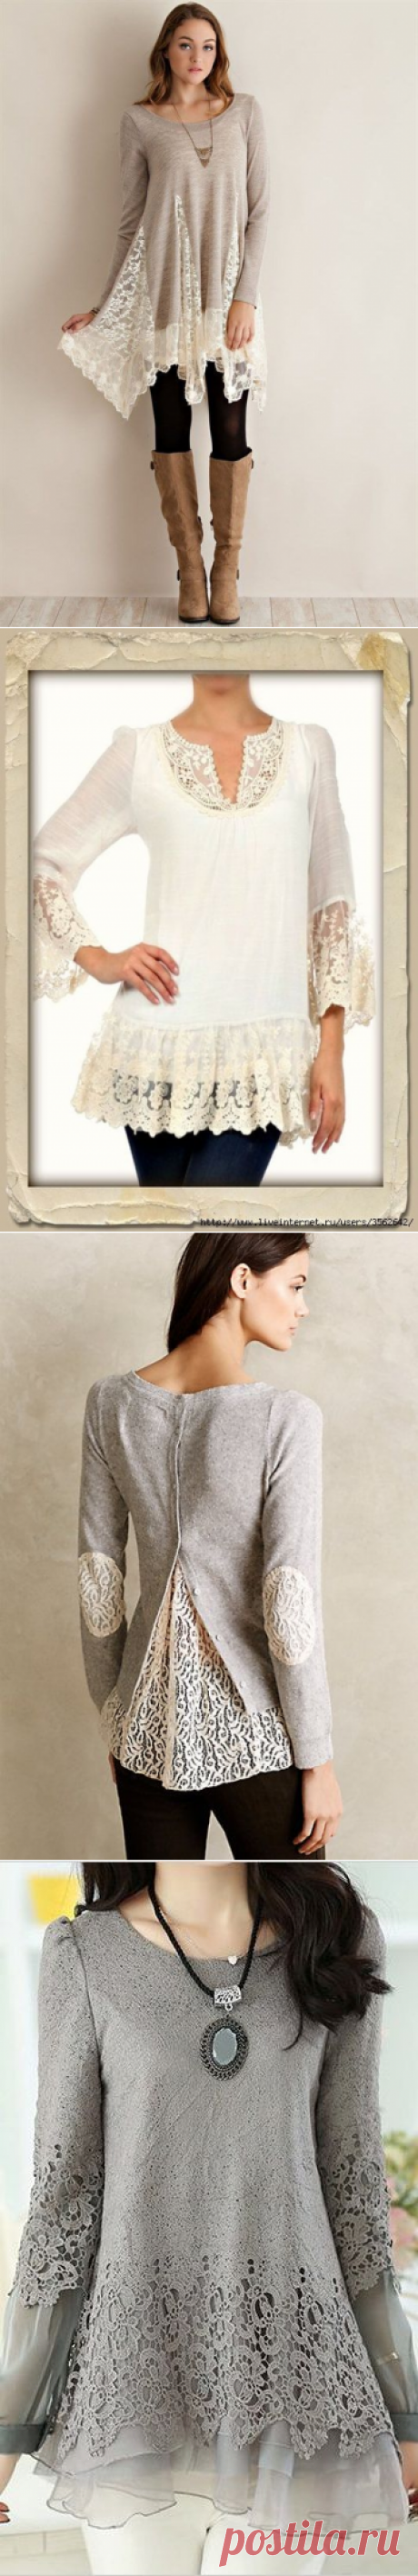 Los rehacimientos. Como adornar el jersey o la blusa con el encaje tierno. Las ideas para la inspiración creadora